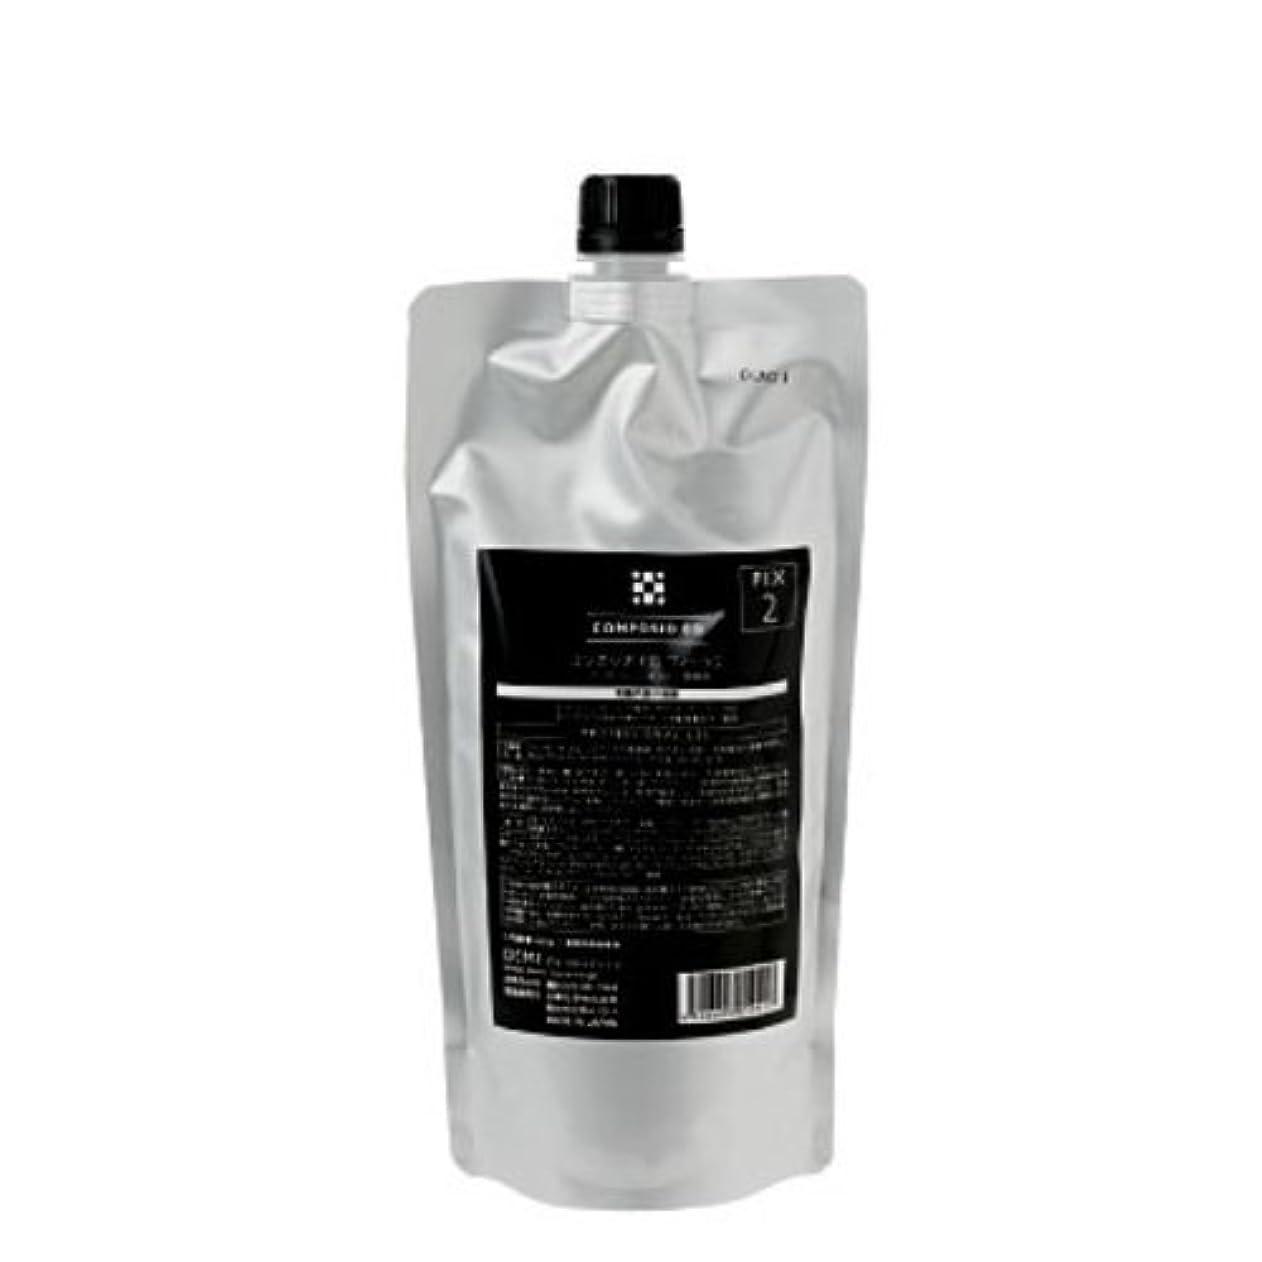 屋内コンパイルピッチャーDEMI (デミ) コンポジオ EQ フィックス 450g レフィル